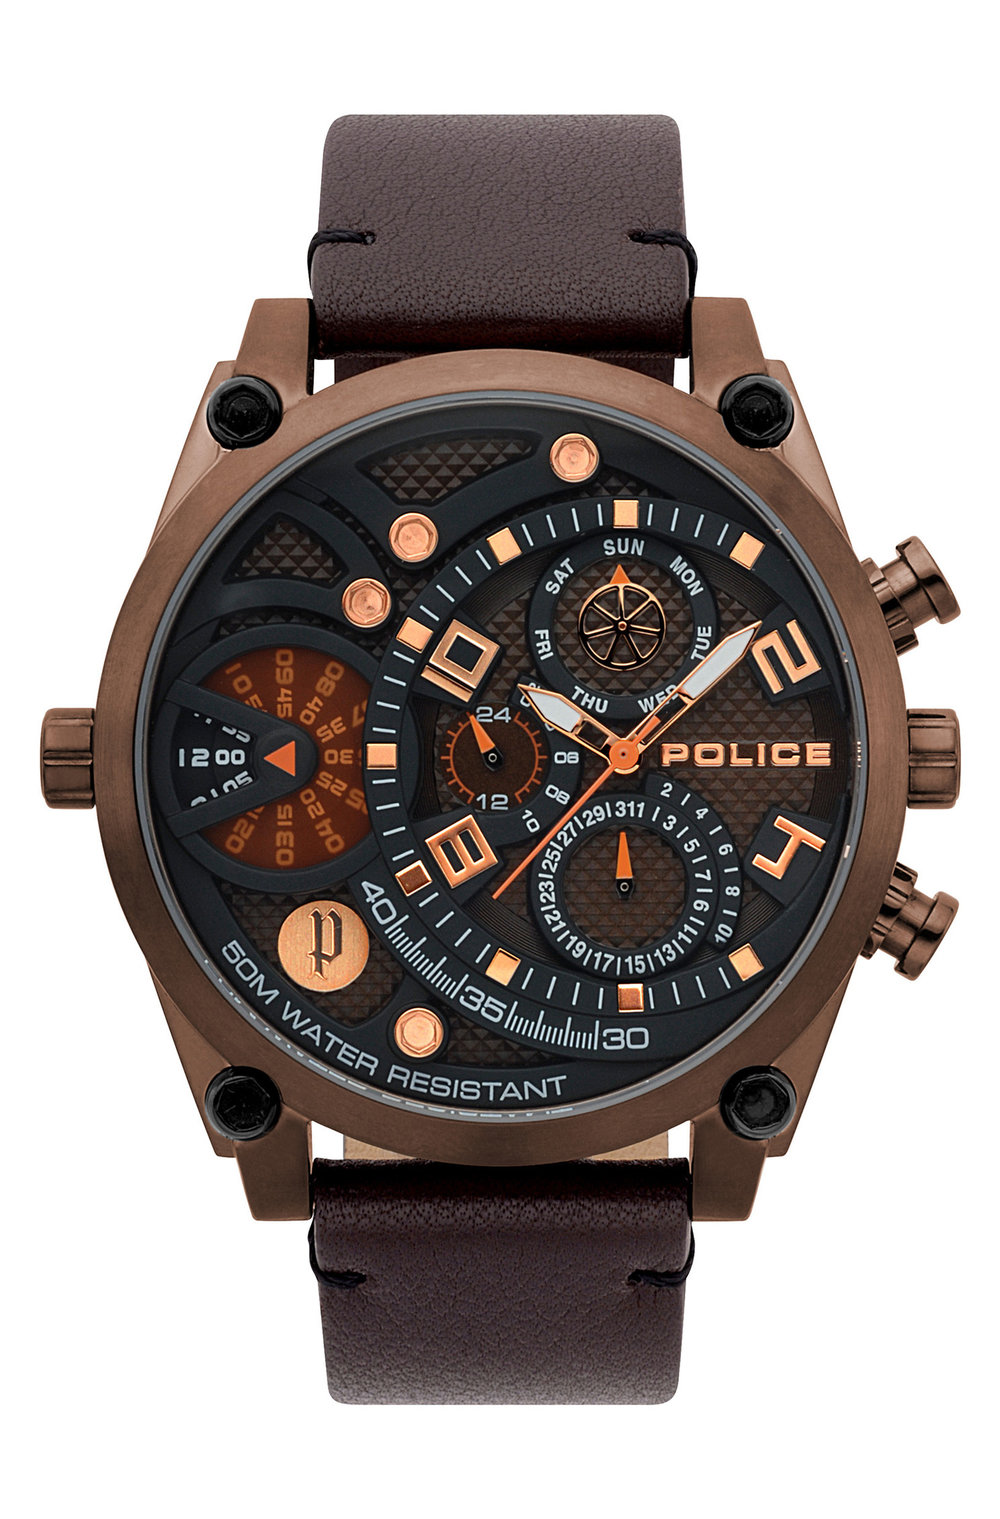 police_watches_POW15381JSBZ.jpg